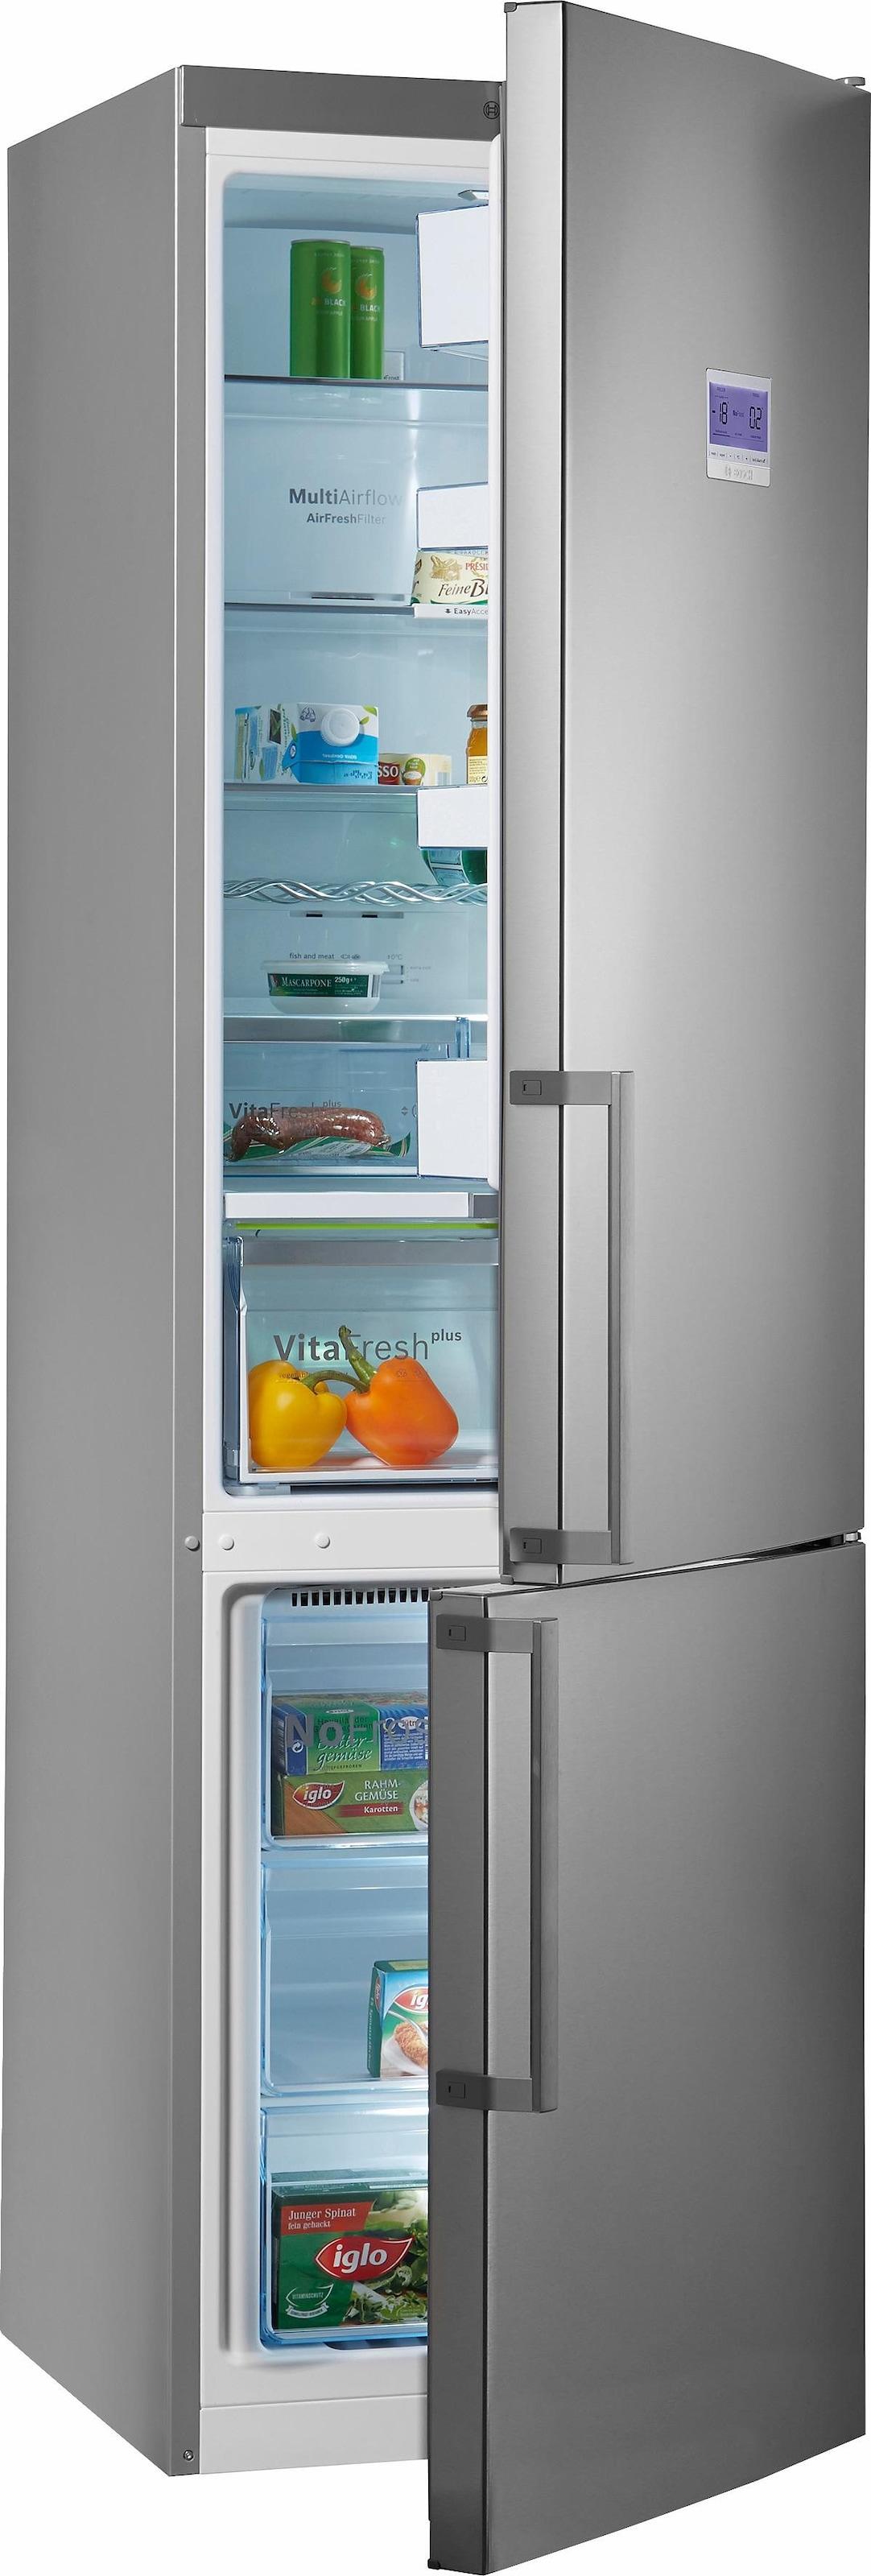 Bosch Kühlschrank Integrierbar : Bosch kühlschränke online shop bosch kühlschränke online kaufen